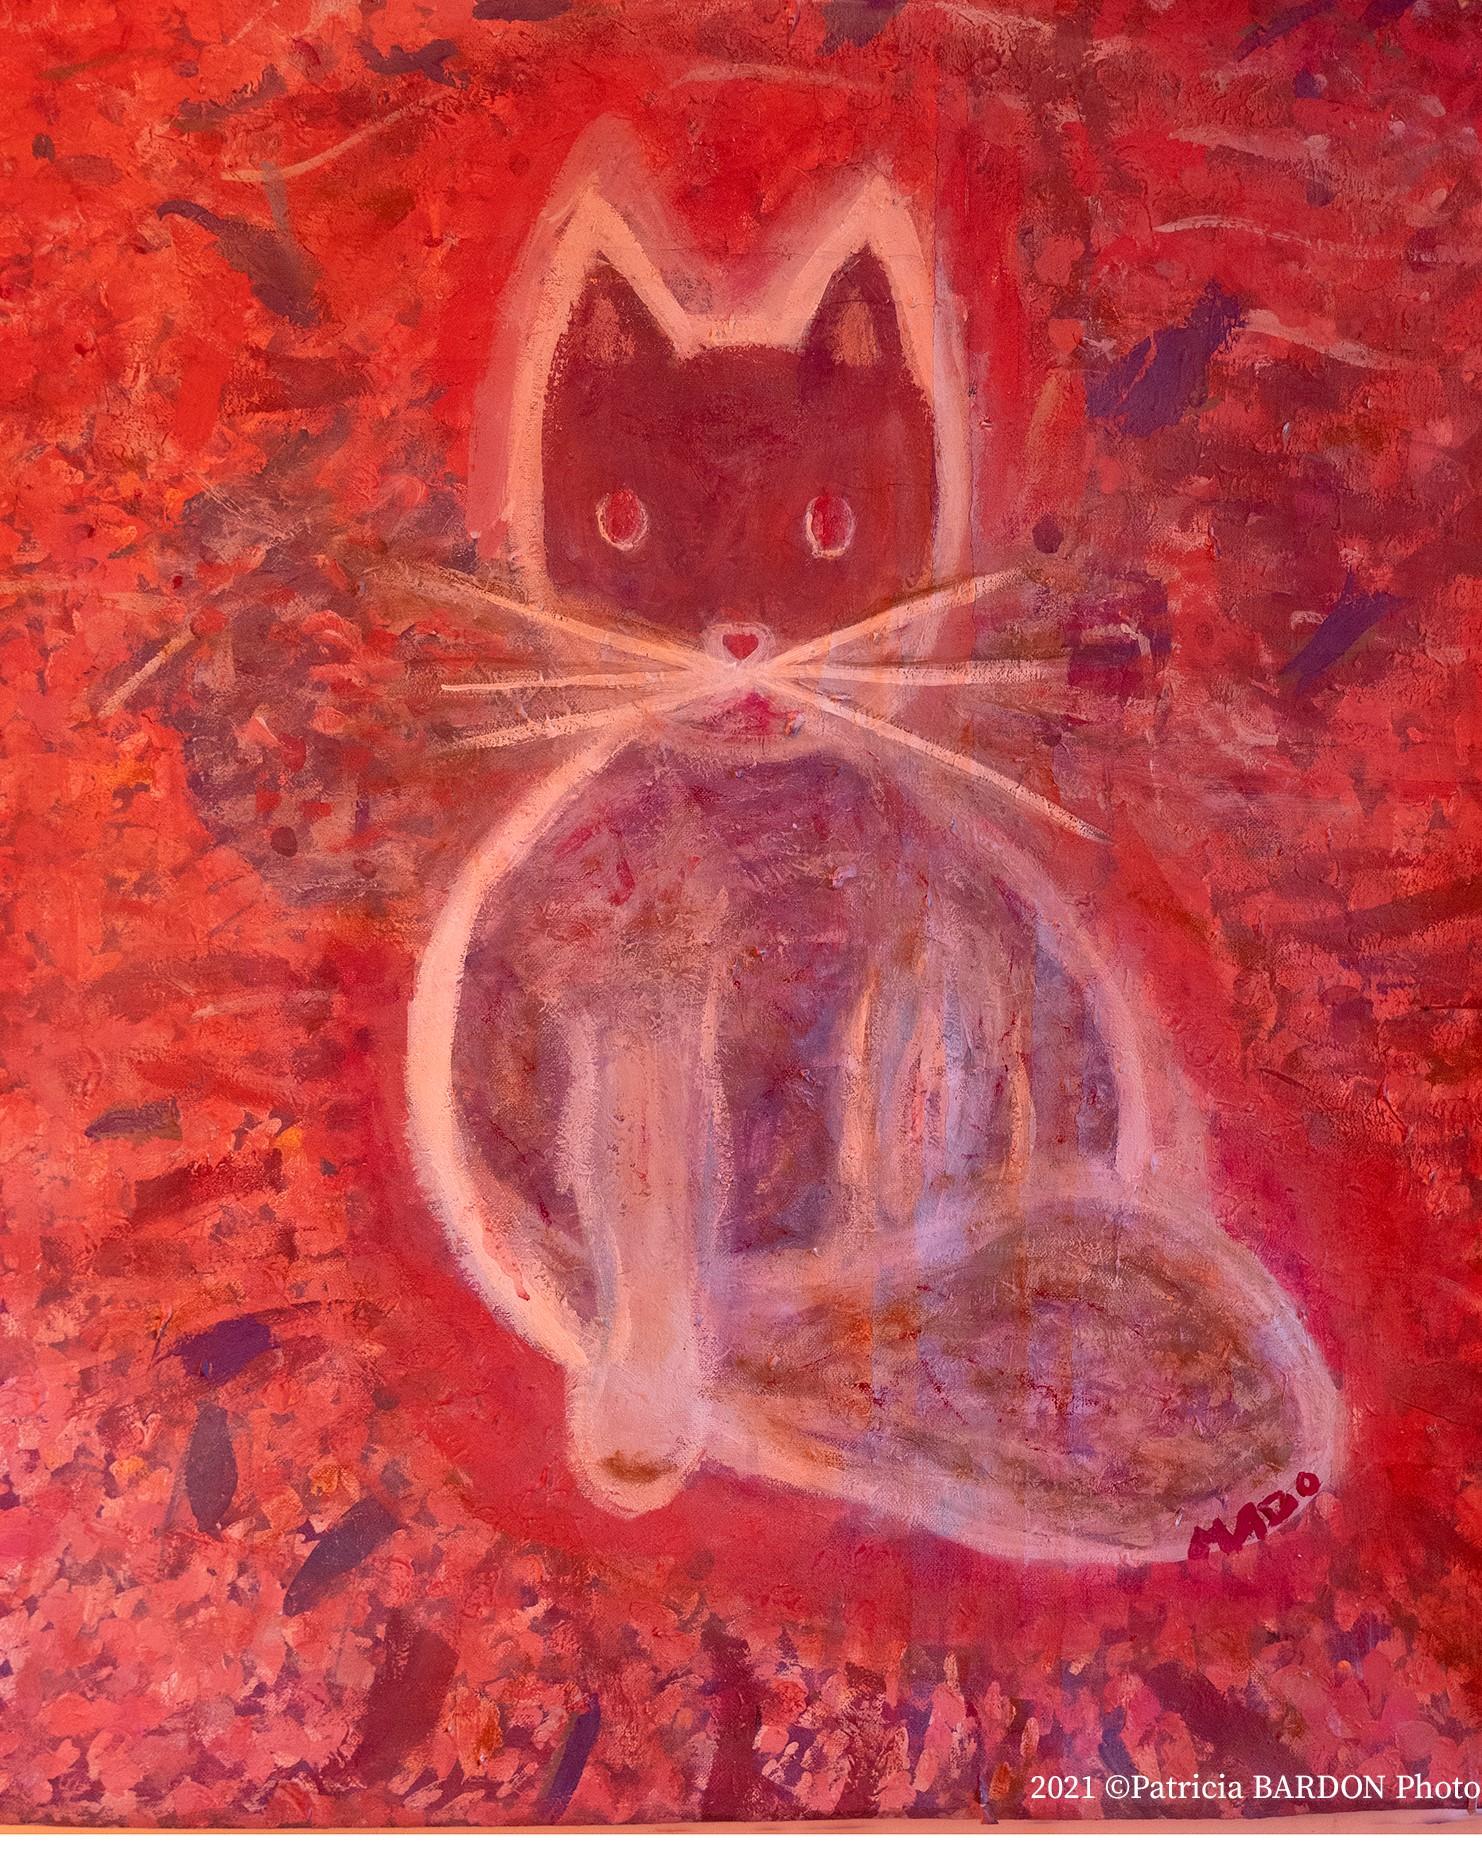 """Mado, """"Peinture de batiment convertie en Chat rose"""", 2020, 60 x 73, acrylique, 309 Euros"""